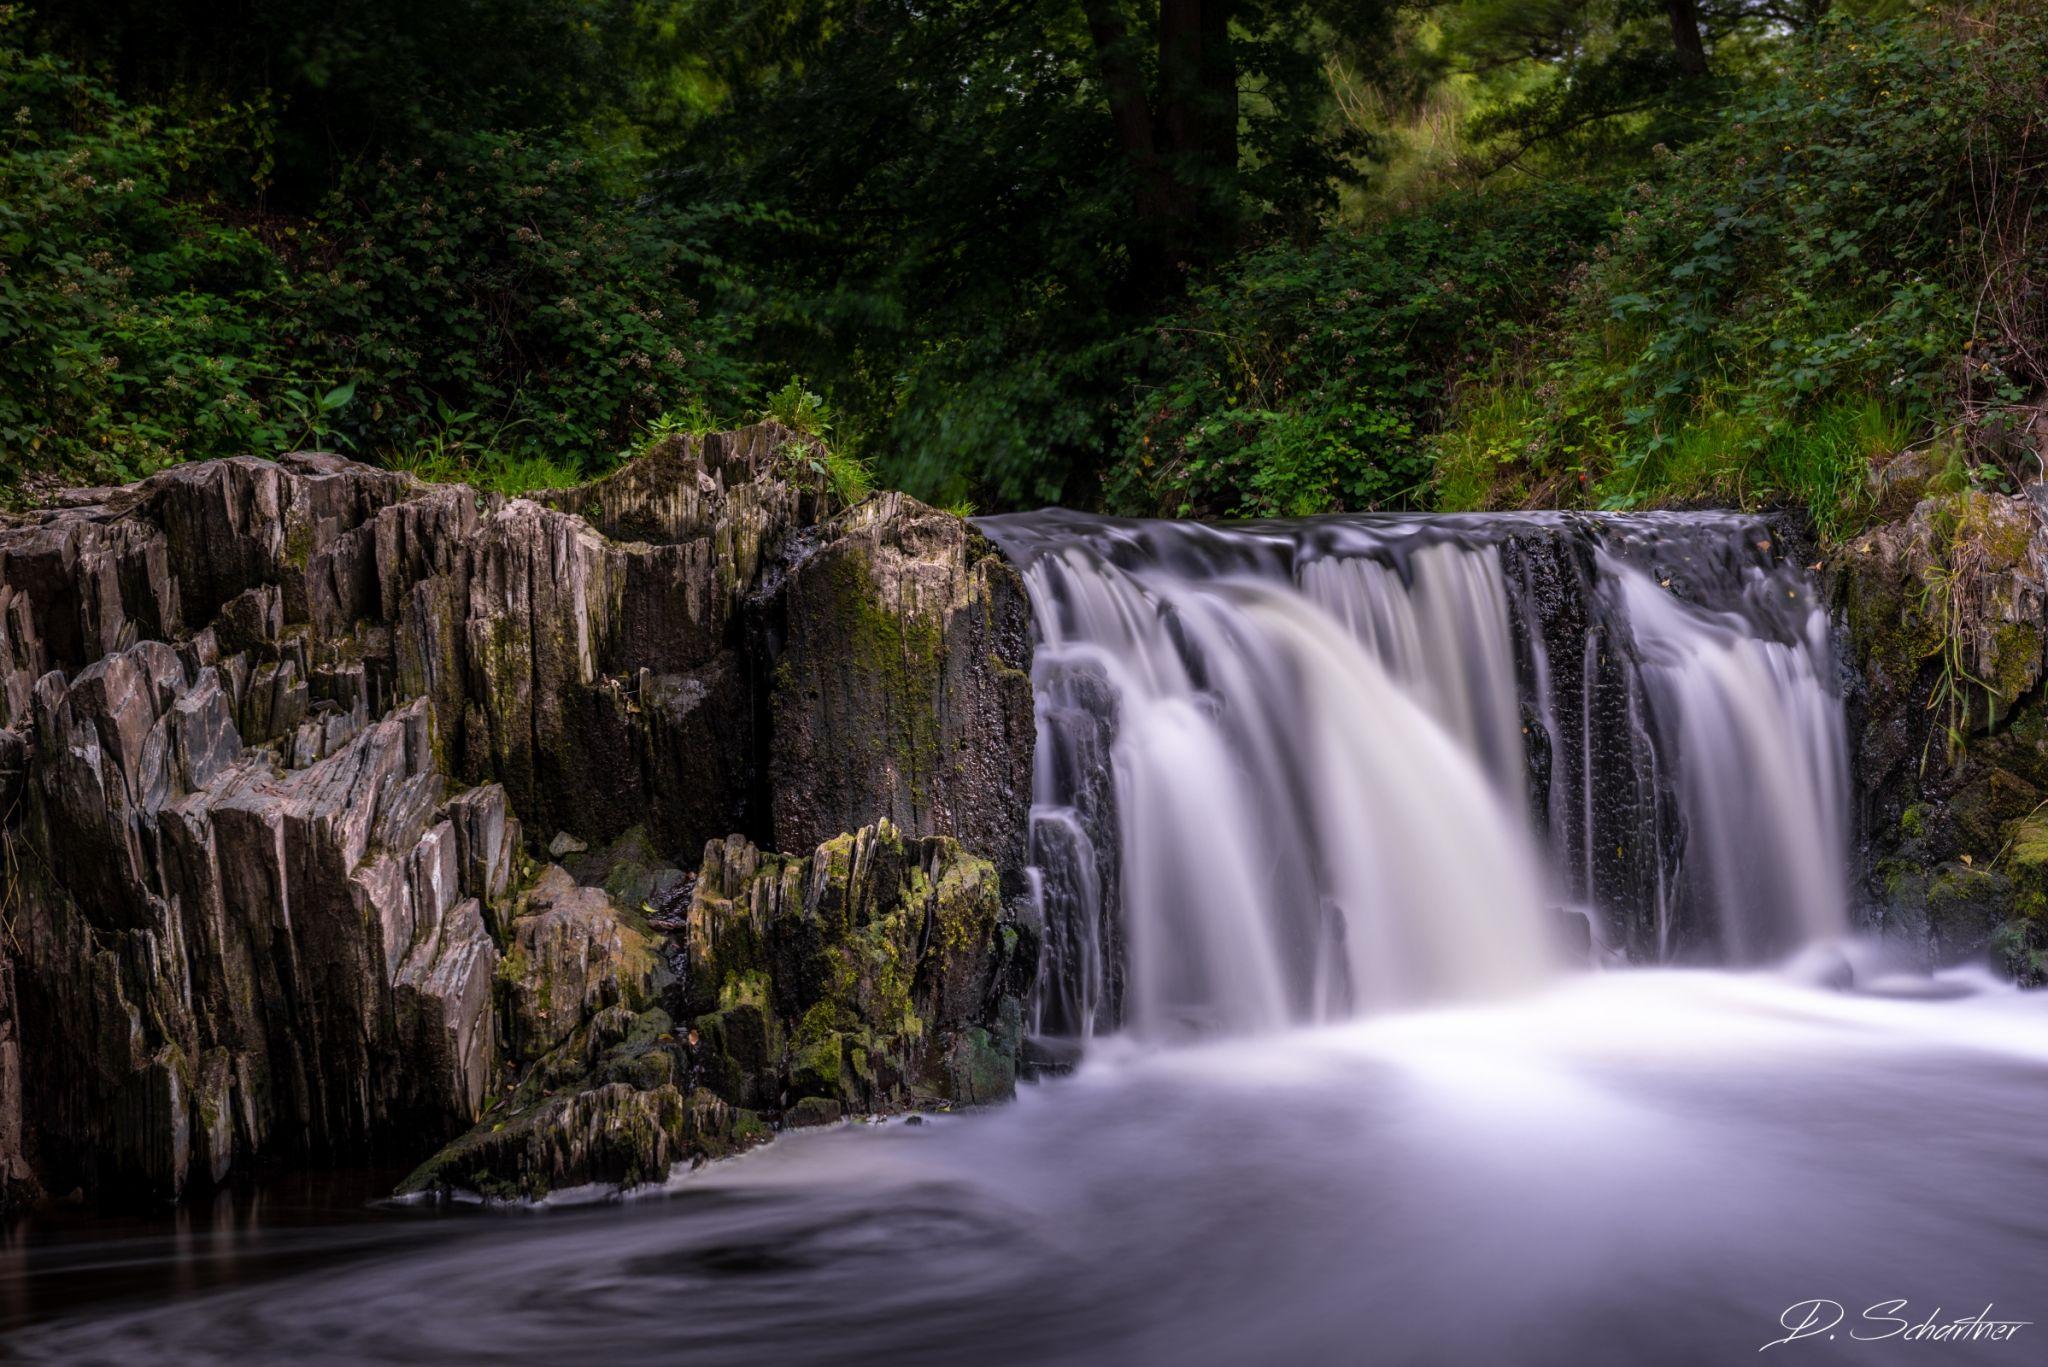 Nette Waterfall, Germany